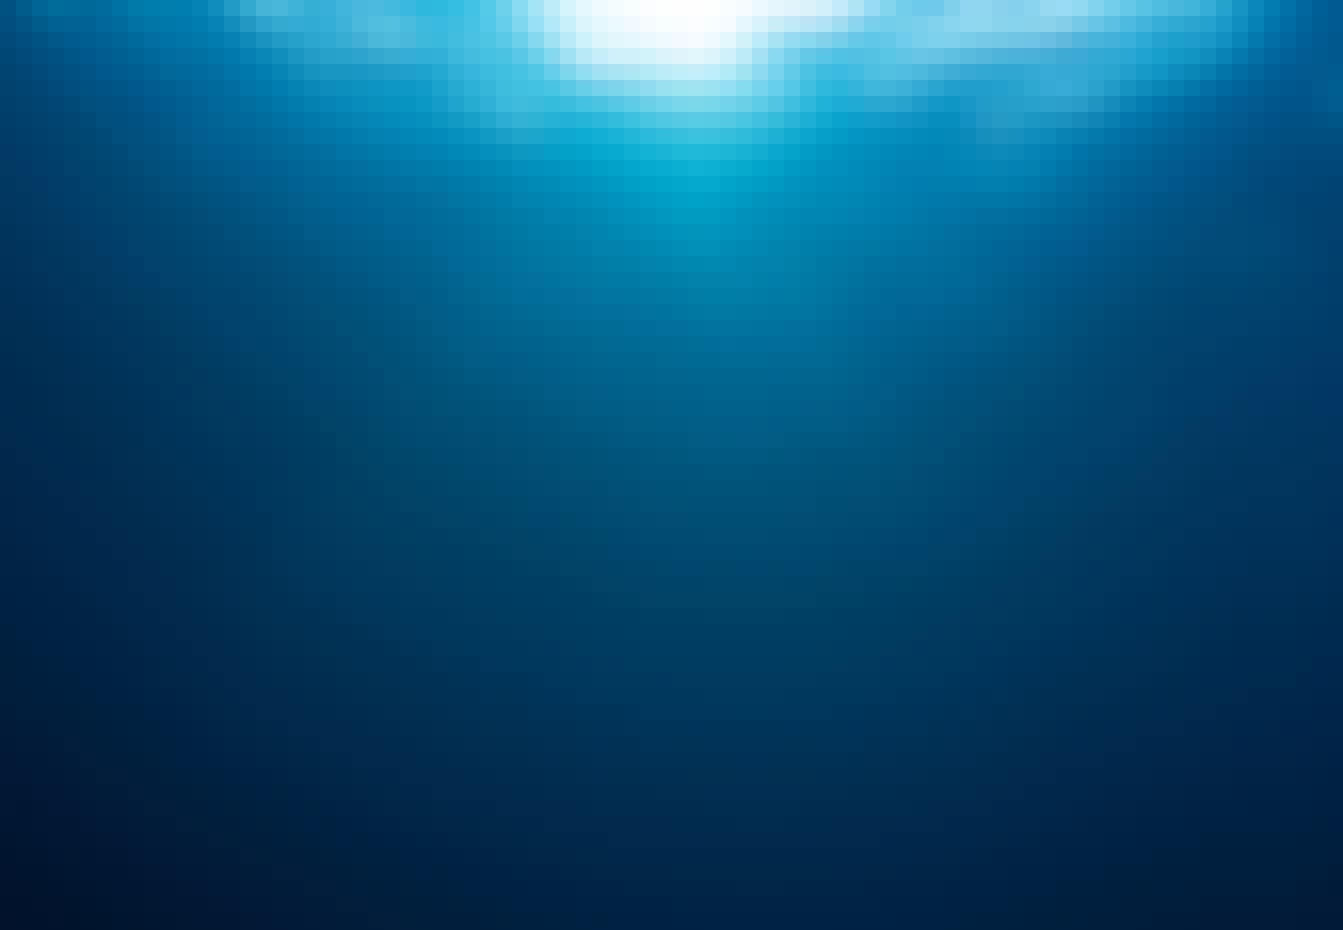 Havet - under havets overflade